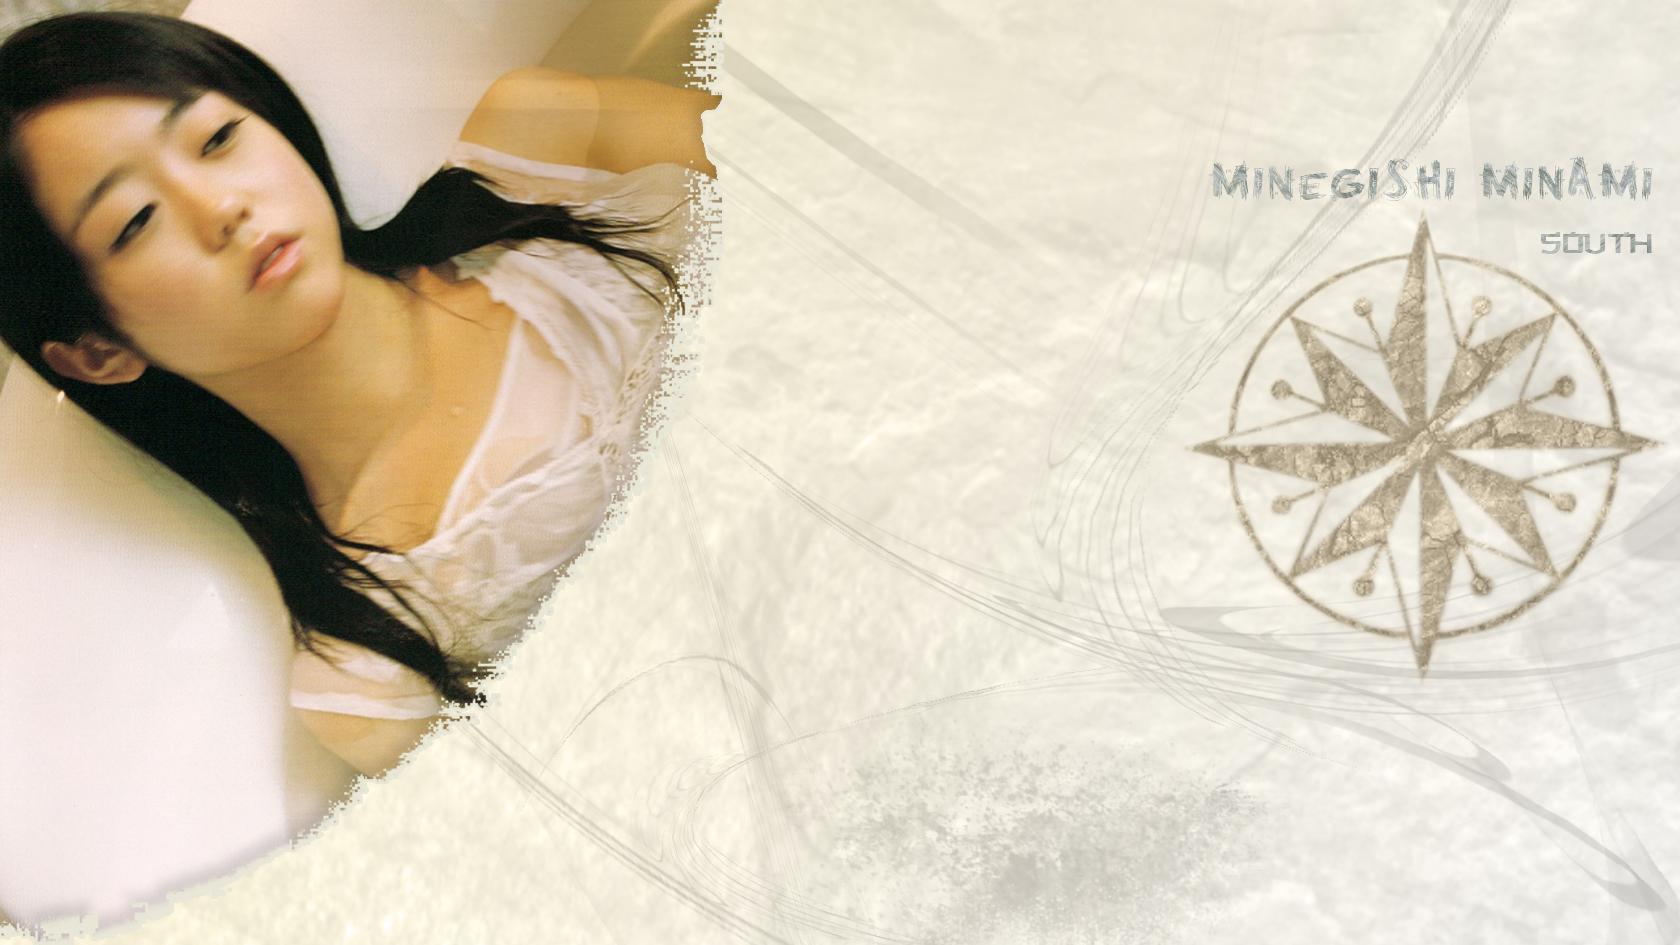 Minami_2.jpg